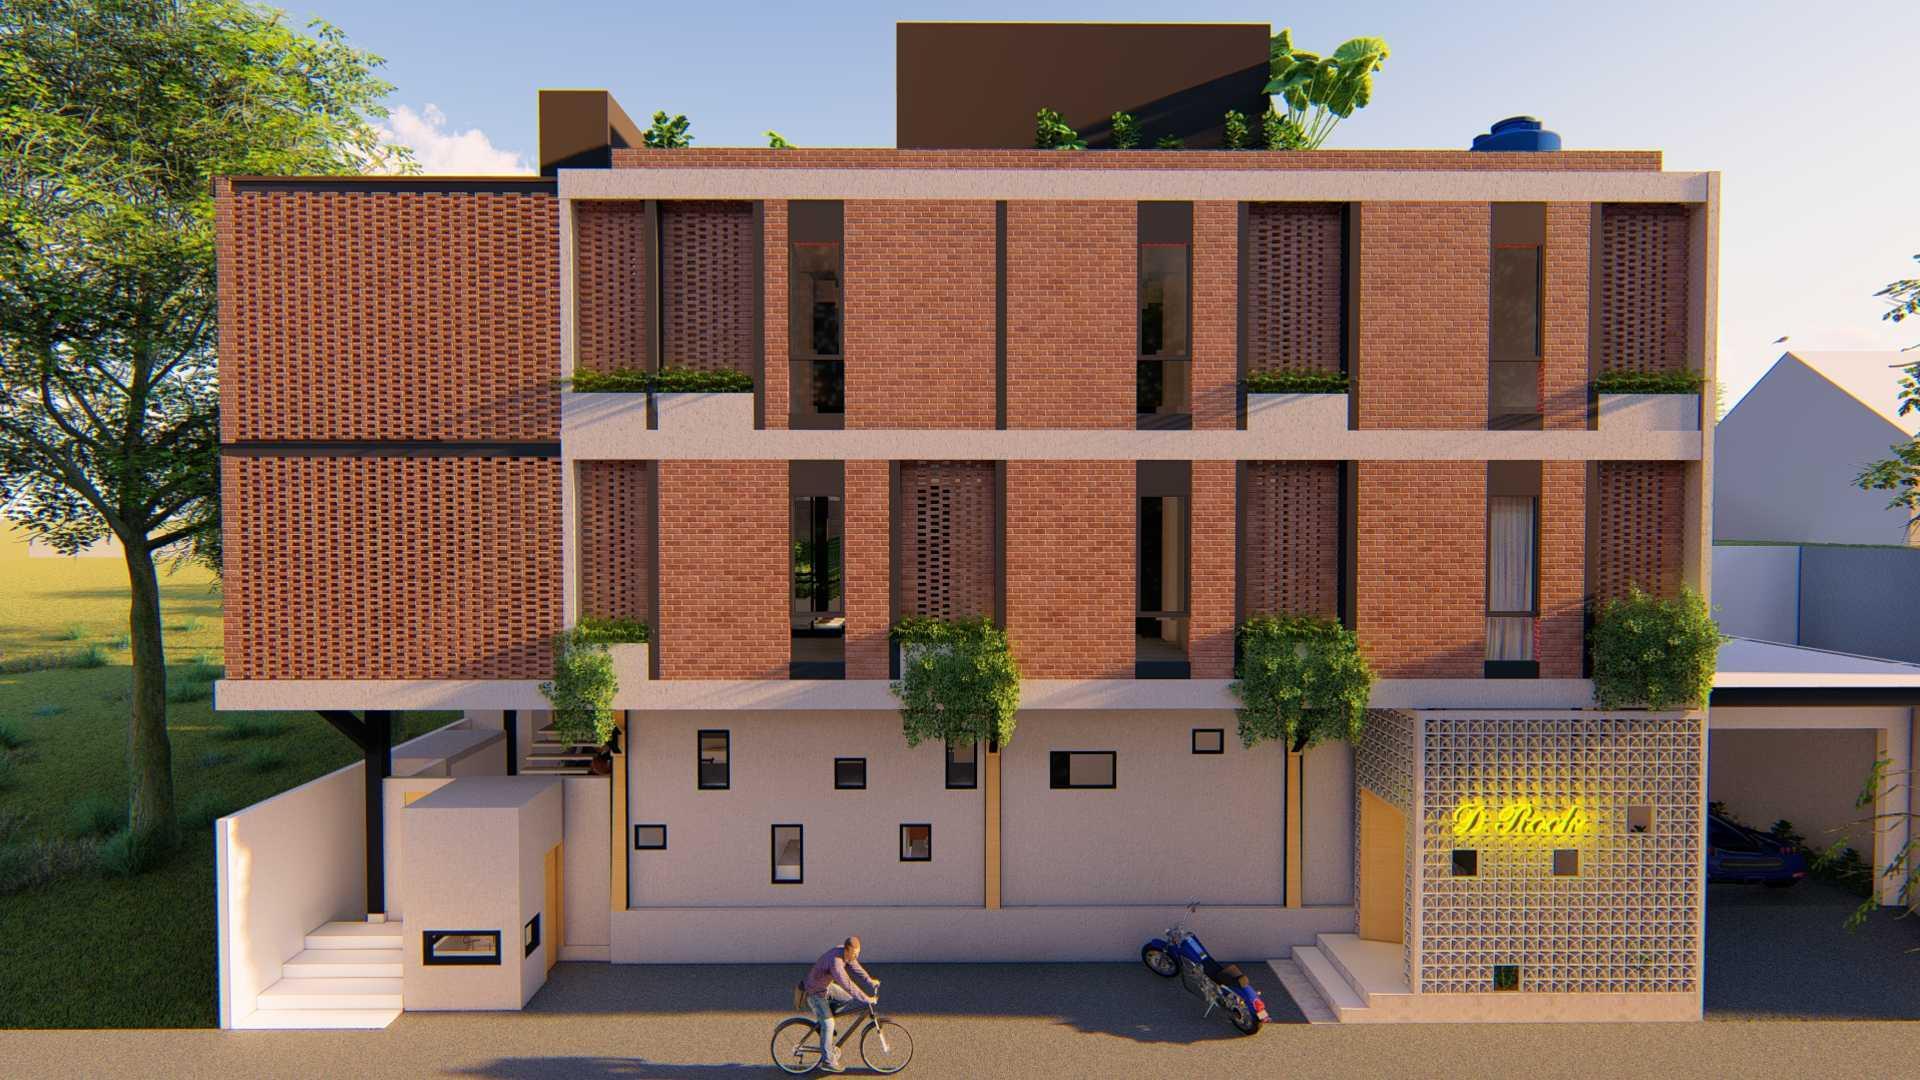 Foto inspirasi ide desain taman industrial Hotel view oleh Habib Musa Architect and Associates di Arsitag